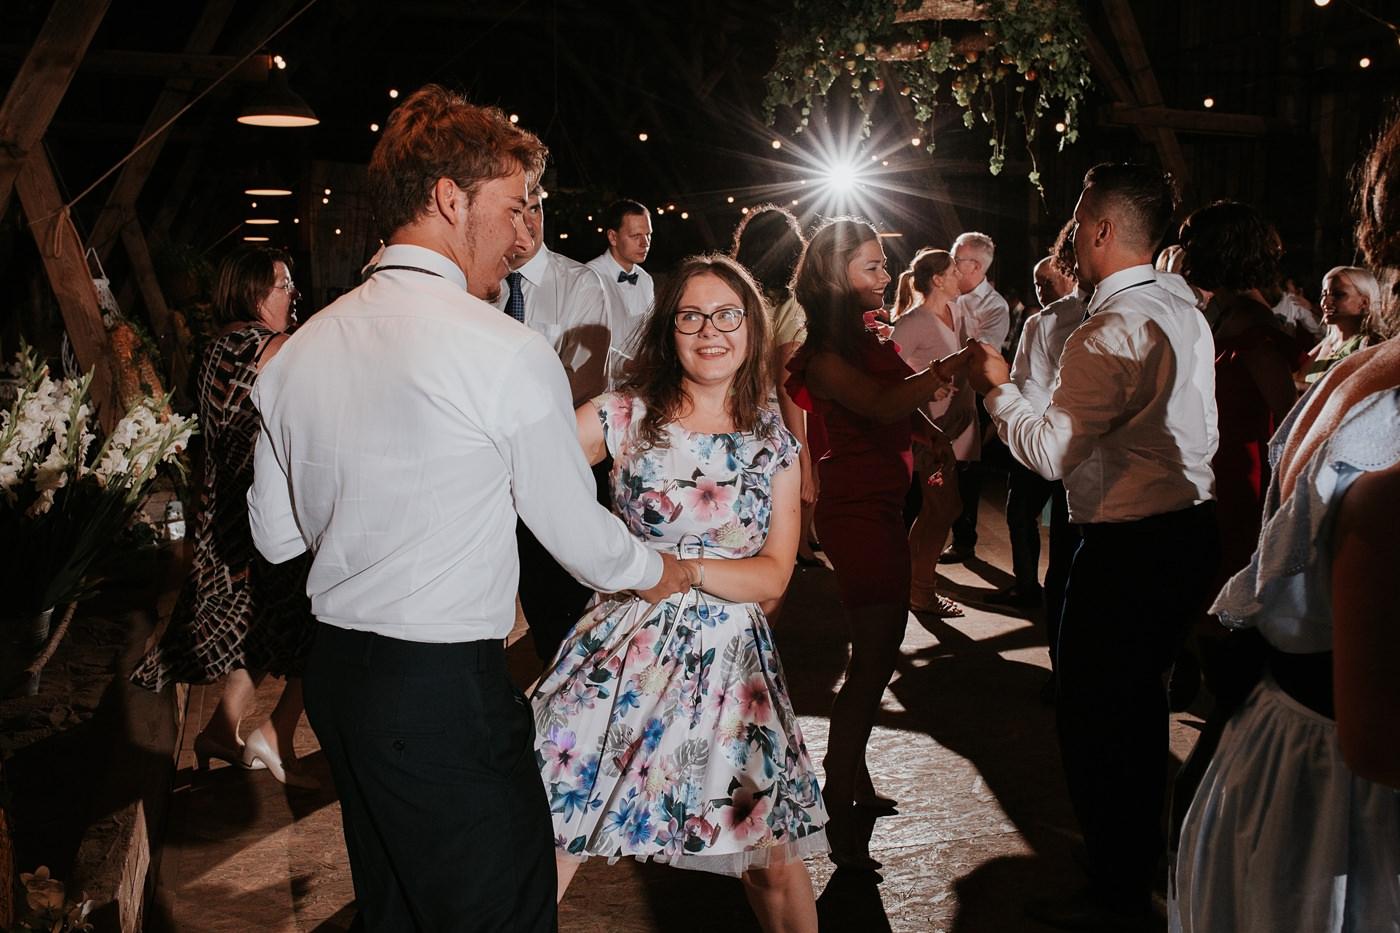 Dominika & Aleksander - Rustykalne wesele w stodole - Baborówko 113